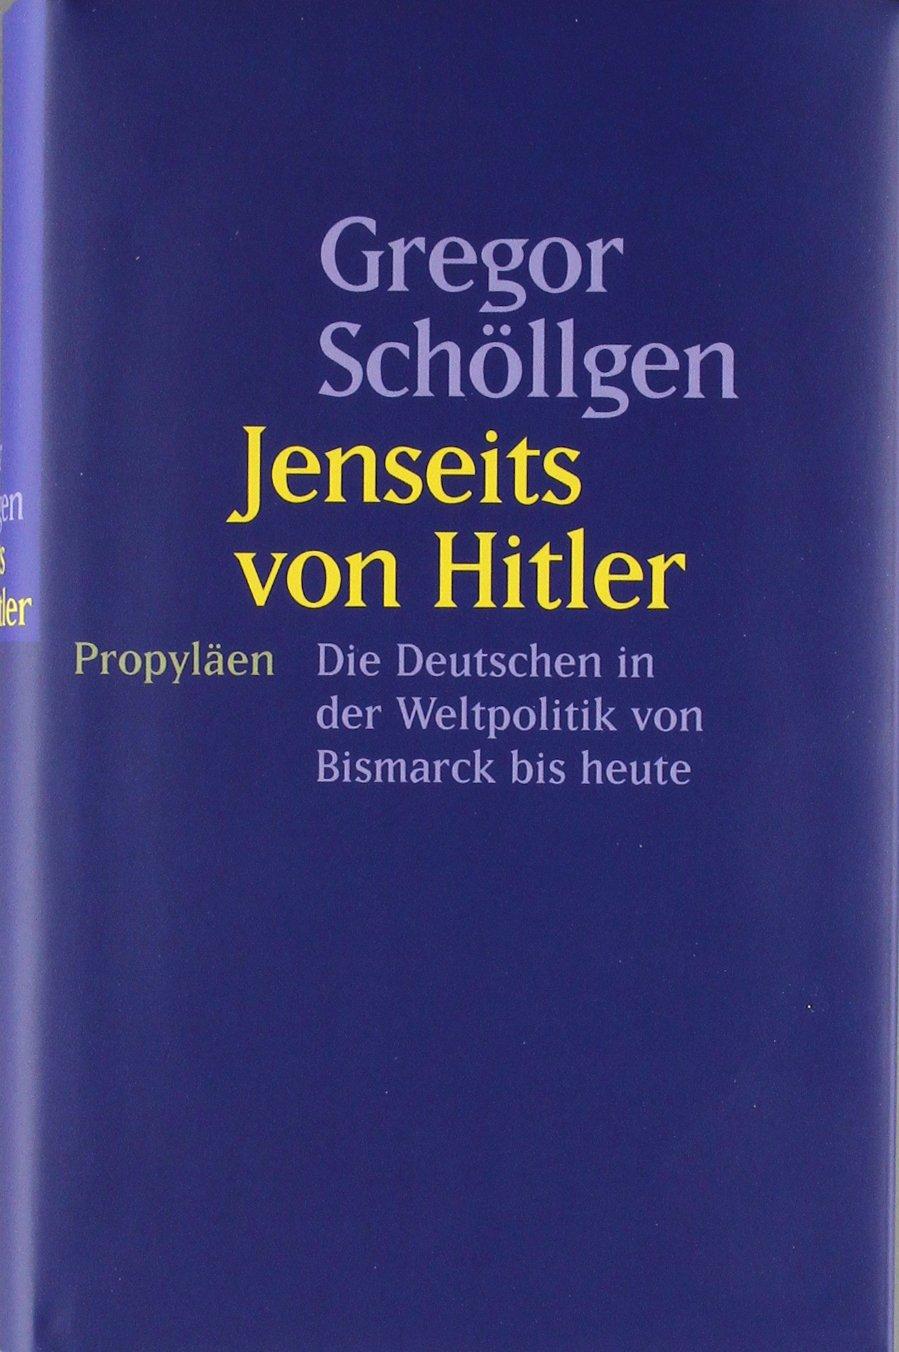 Jenseits von Hitler: Die Deutschen in der Weltpolitik von Bismarck bis heute